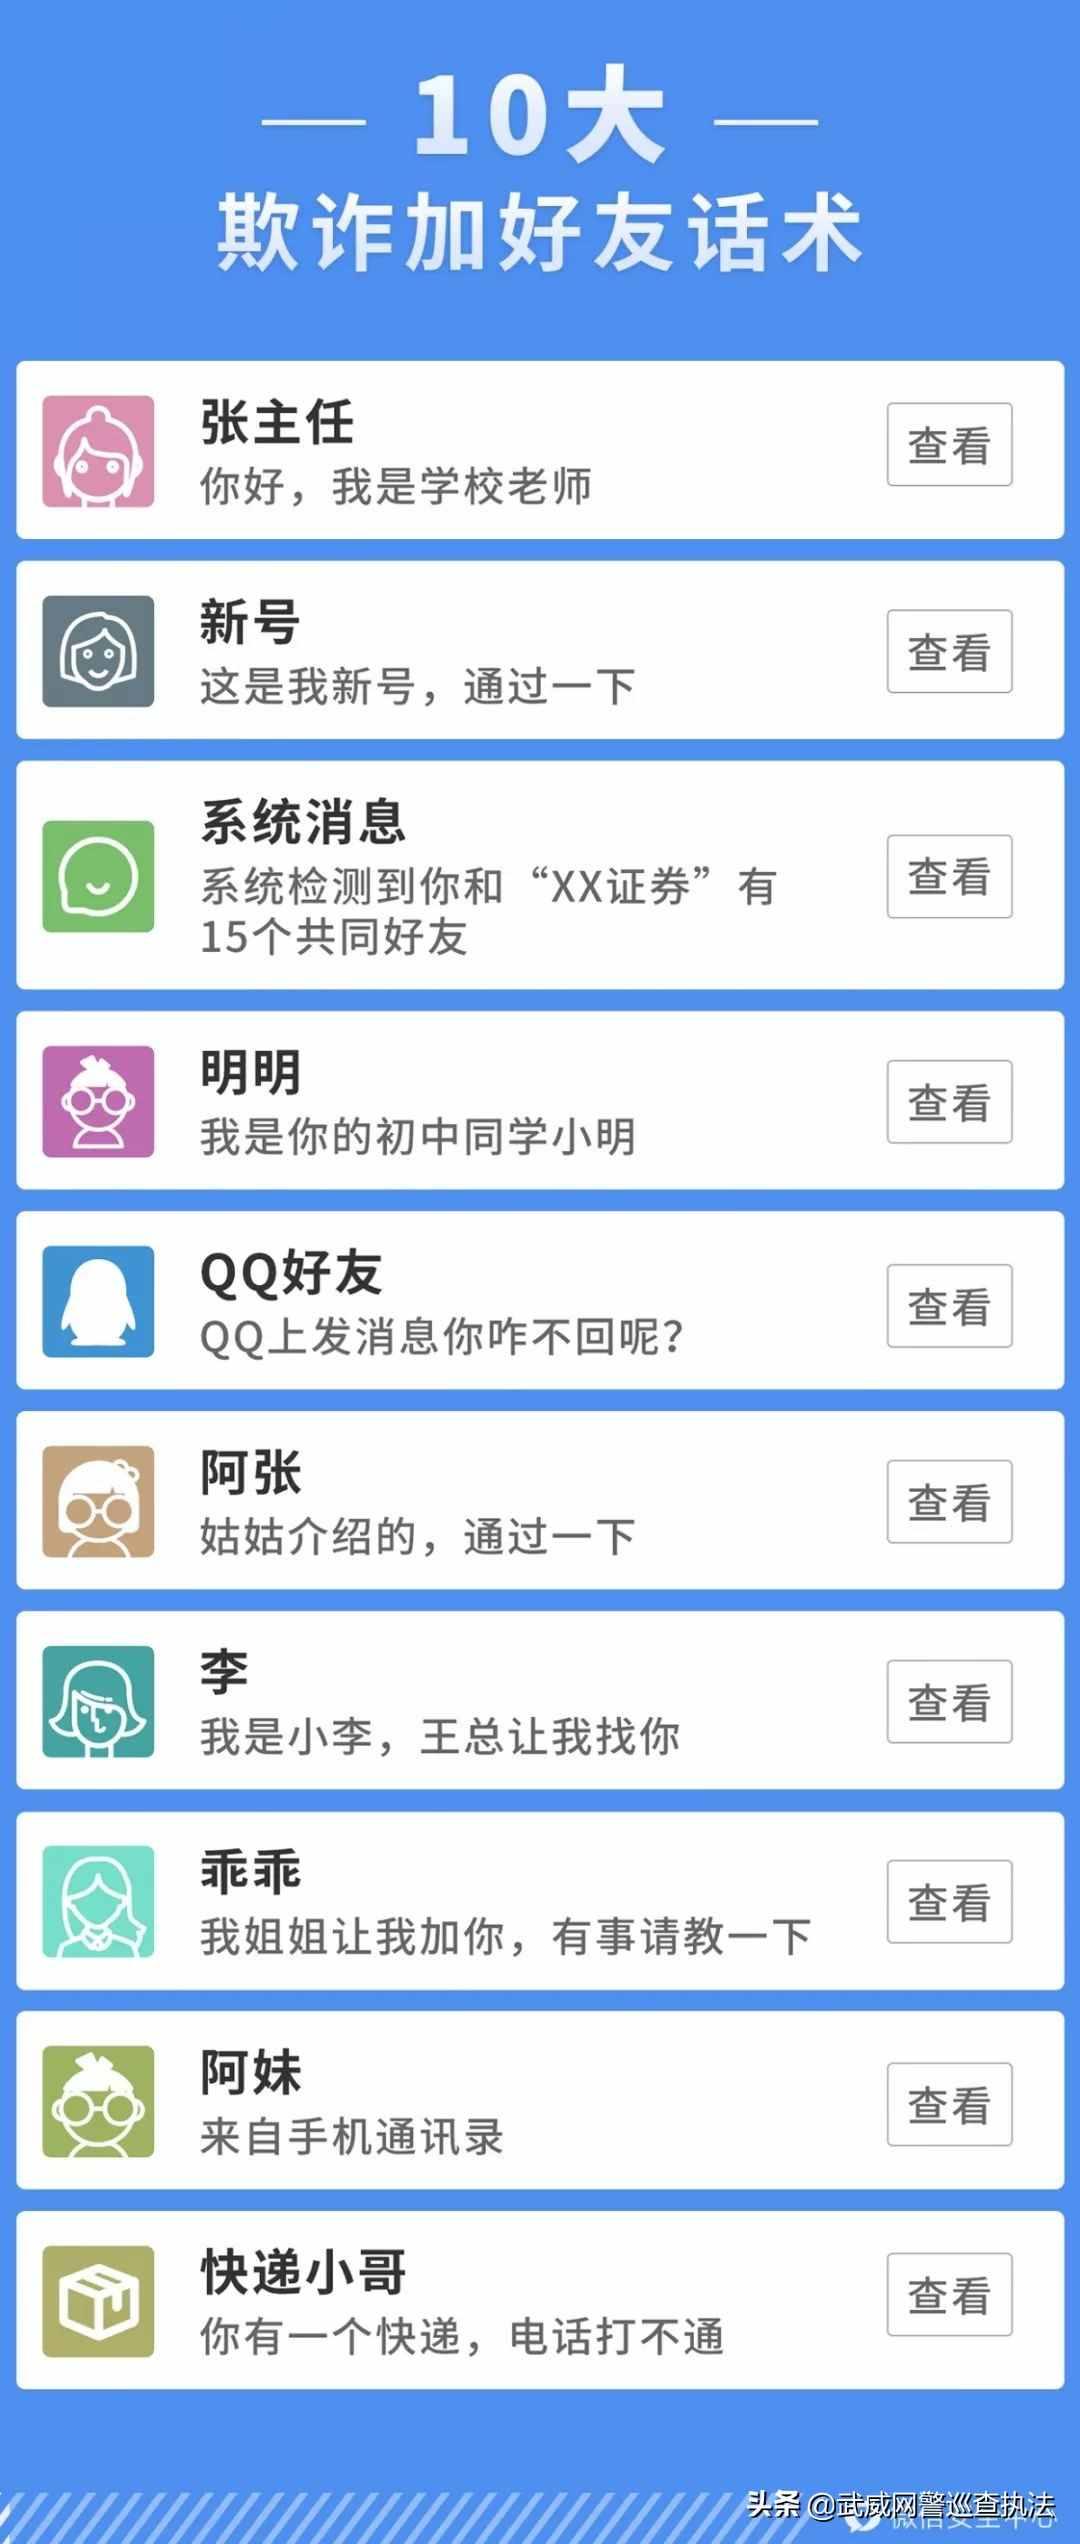 """【净网2020】微信10种最常见的""""加好友""""骗术,你遇到过几种?"""